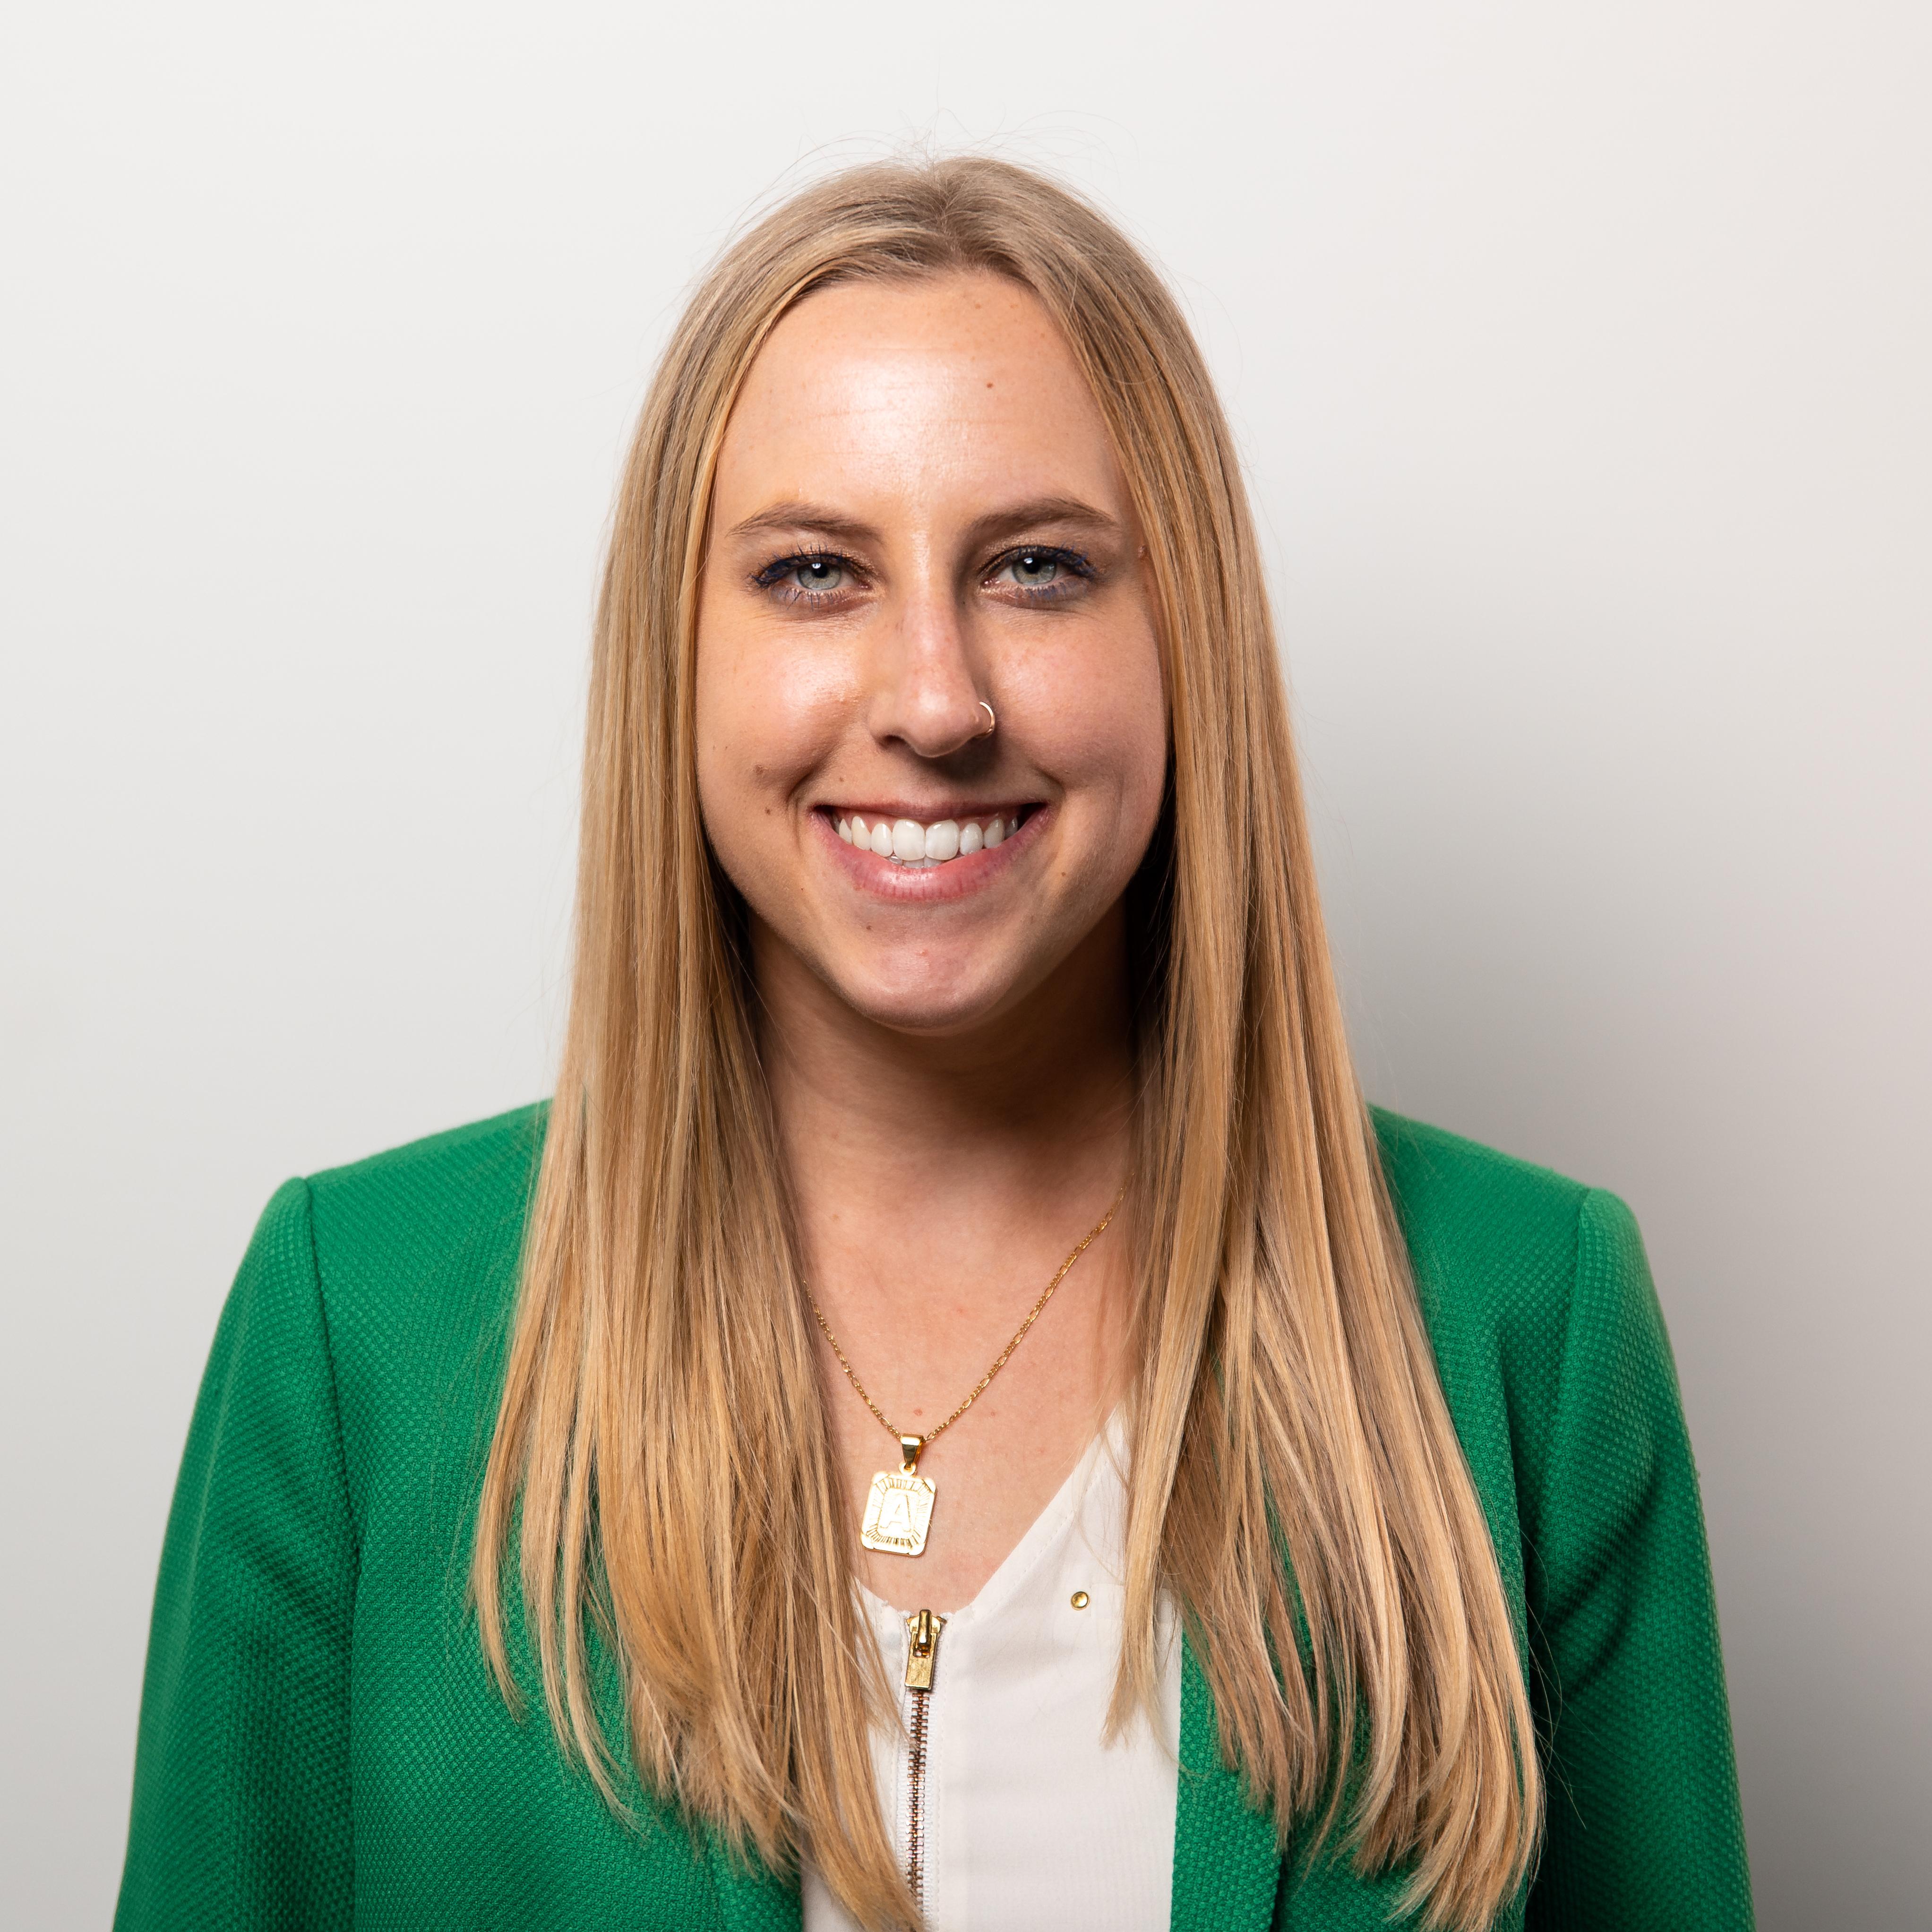 Amanda Gottschalk Headshot